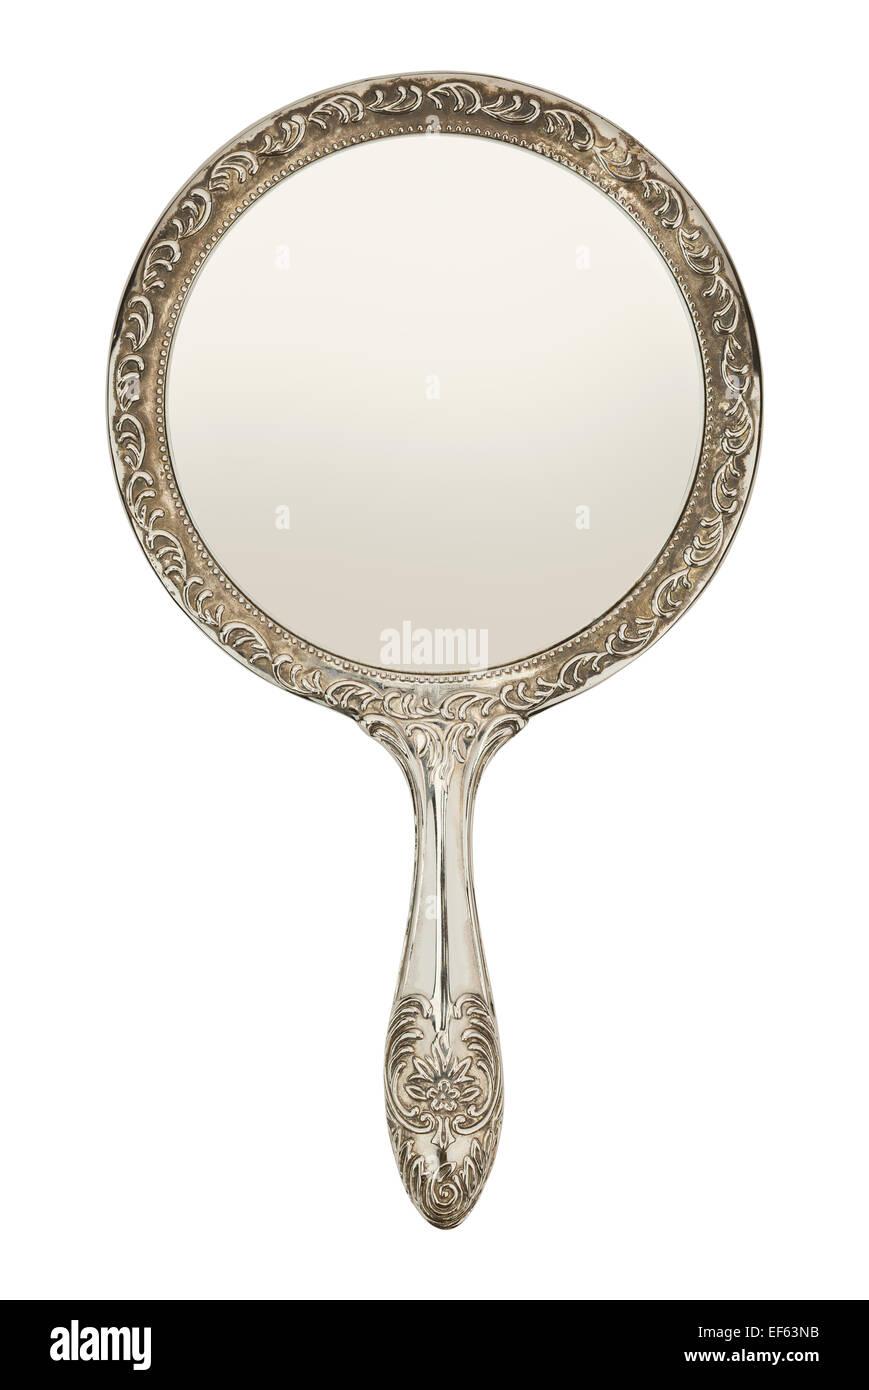 Argento Specchio a mano vista frontale isolato su sfondo bianco. Immagini Stock